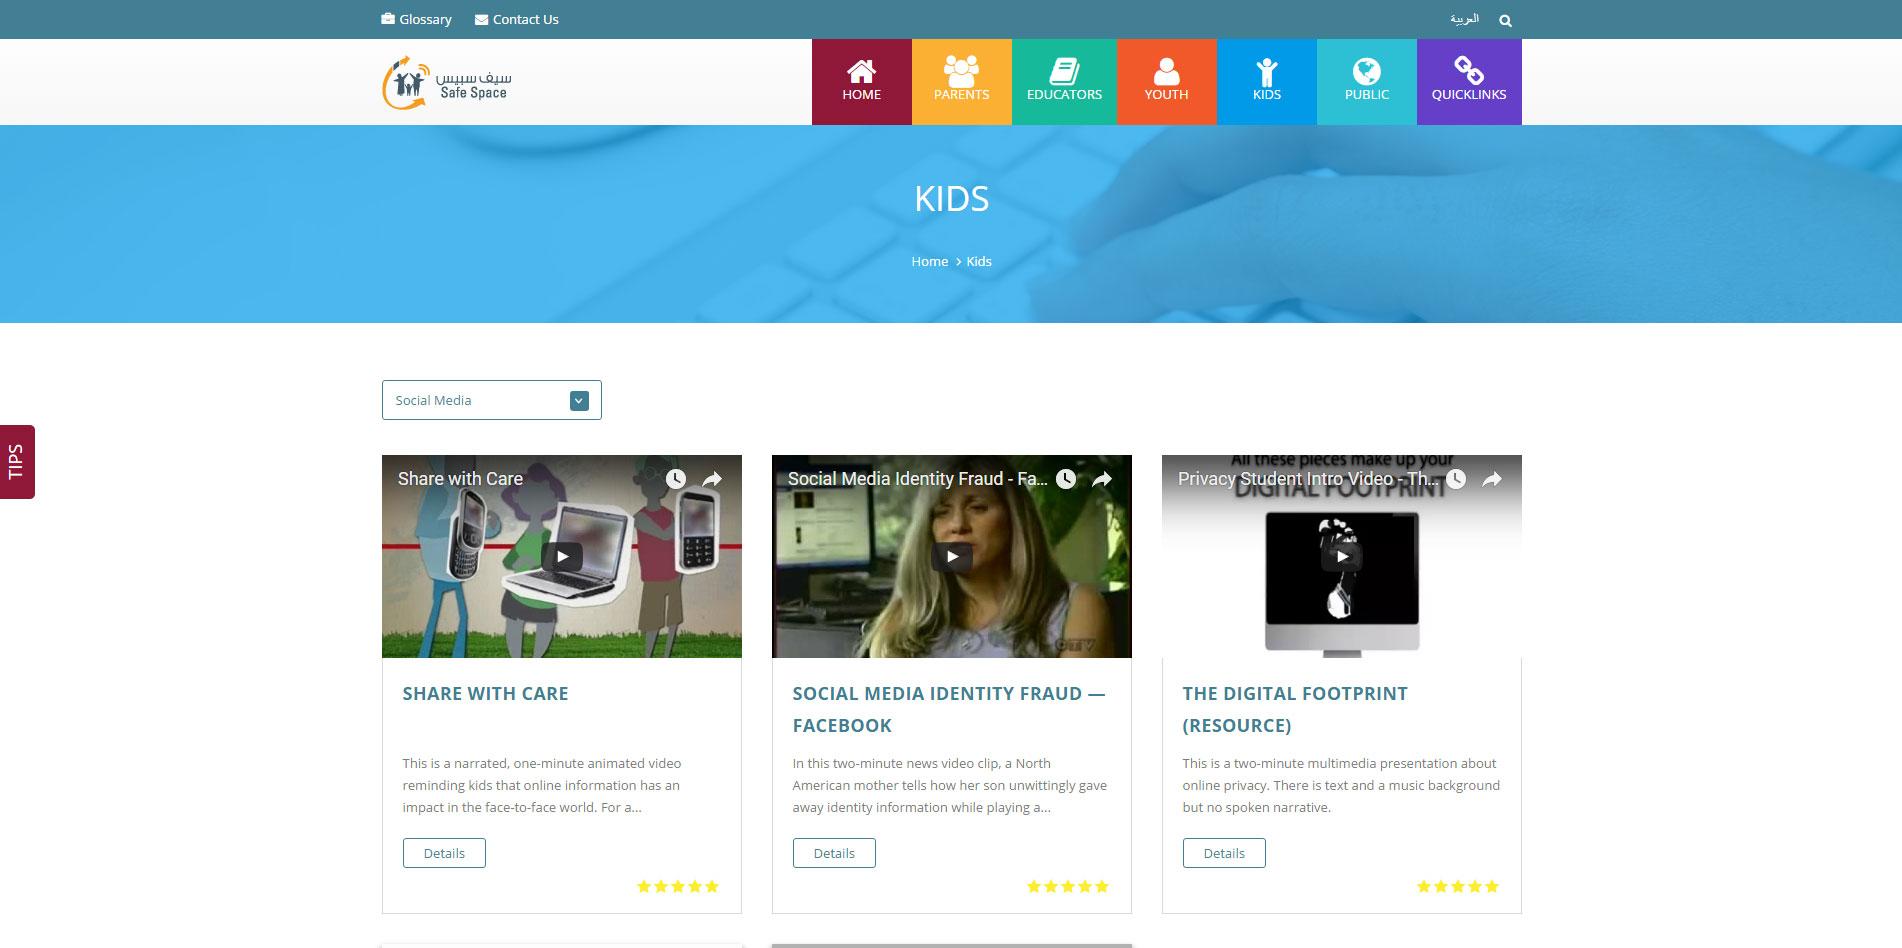 web design content page